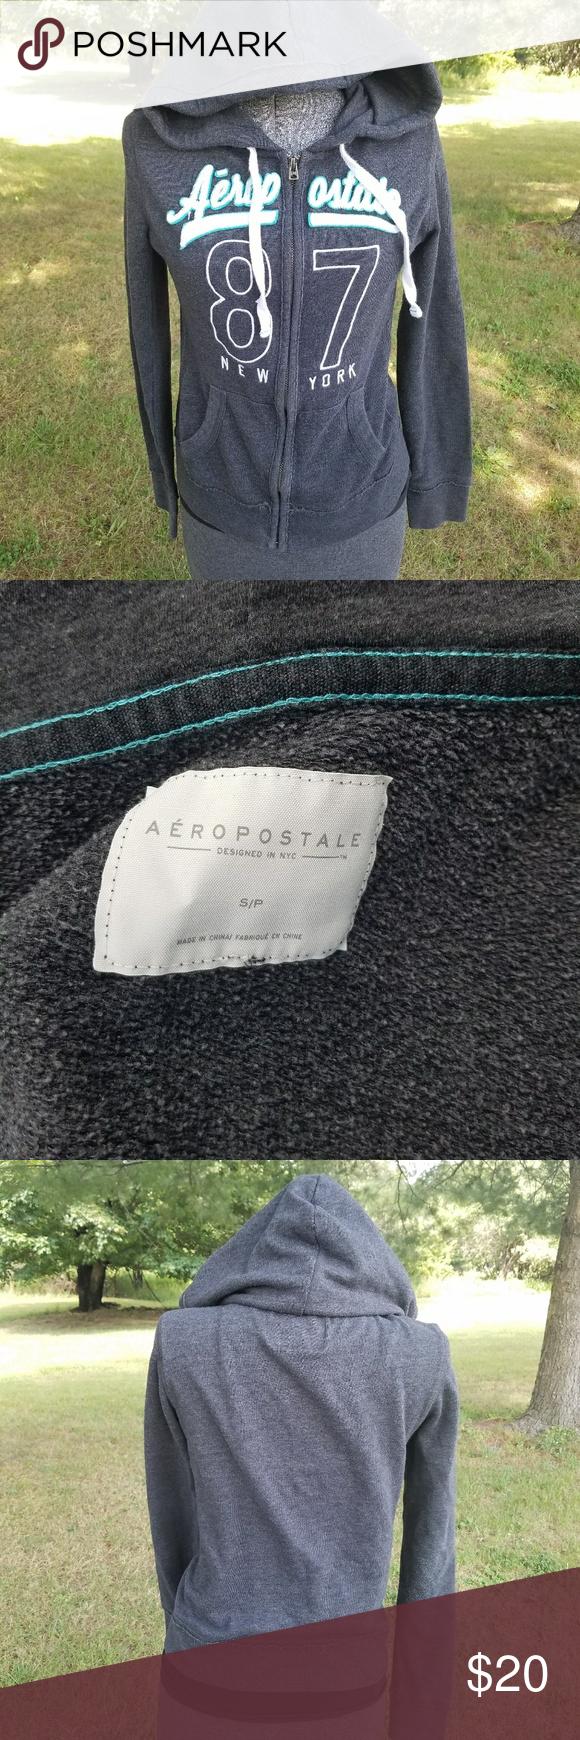 Aero Full Zip Hoodie Aeropostale sweatshirt. Great